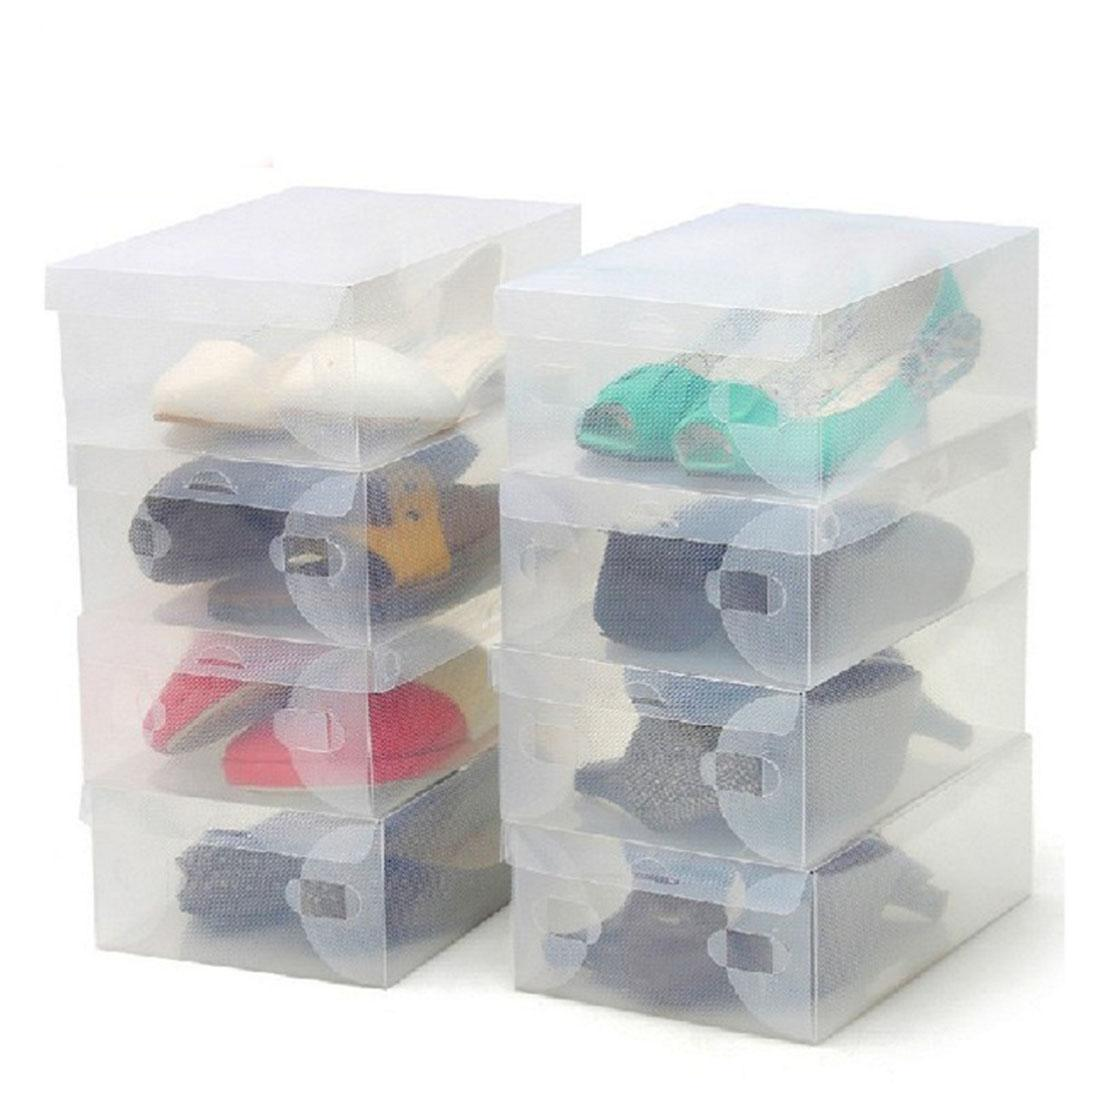 Top Sale 10 Unids Transparente Maquillaje Organizador Zapatos de Plástico Transparentes Cajas de Almacenamiento Plegable Zapatos Case Holder Home Herramientas útiles